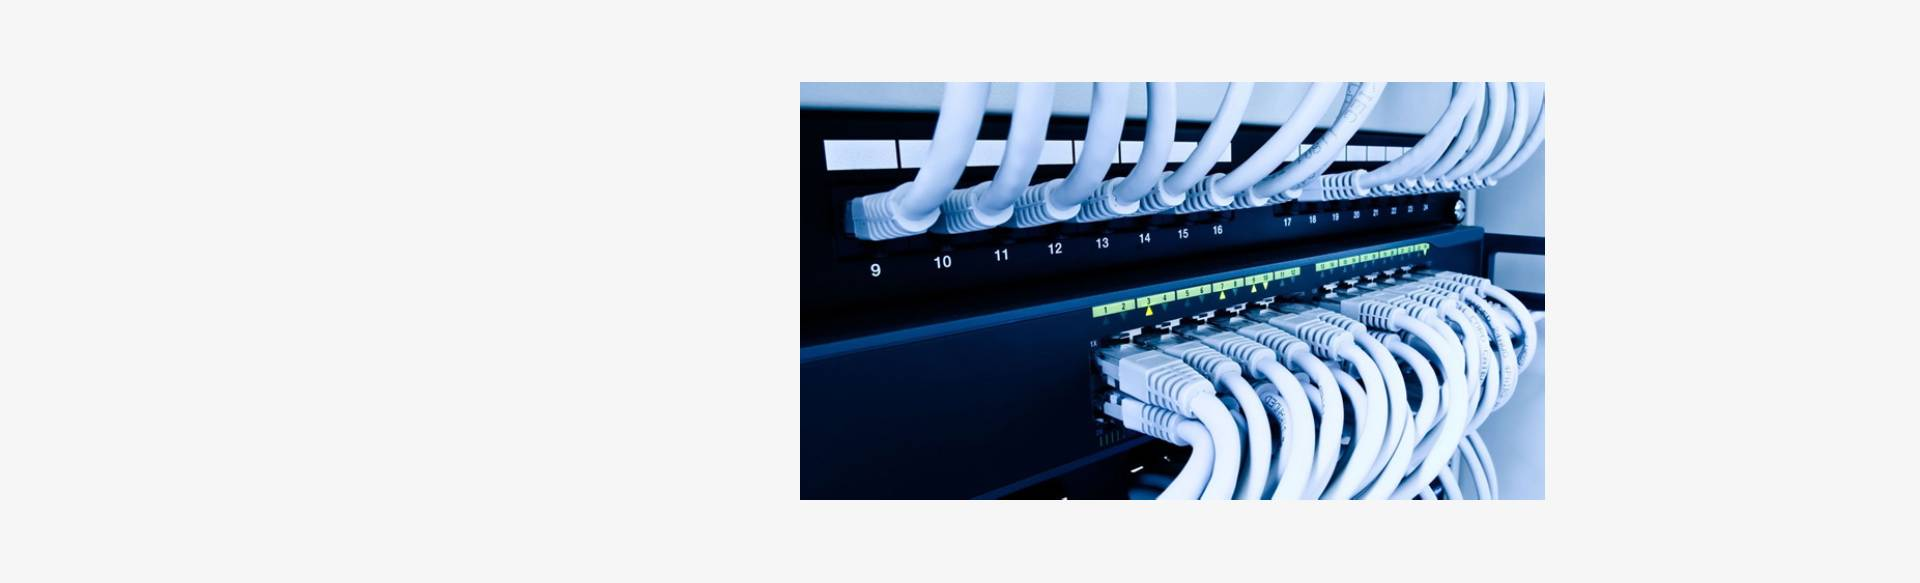 Slide 4 Nl - Networking